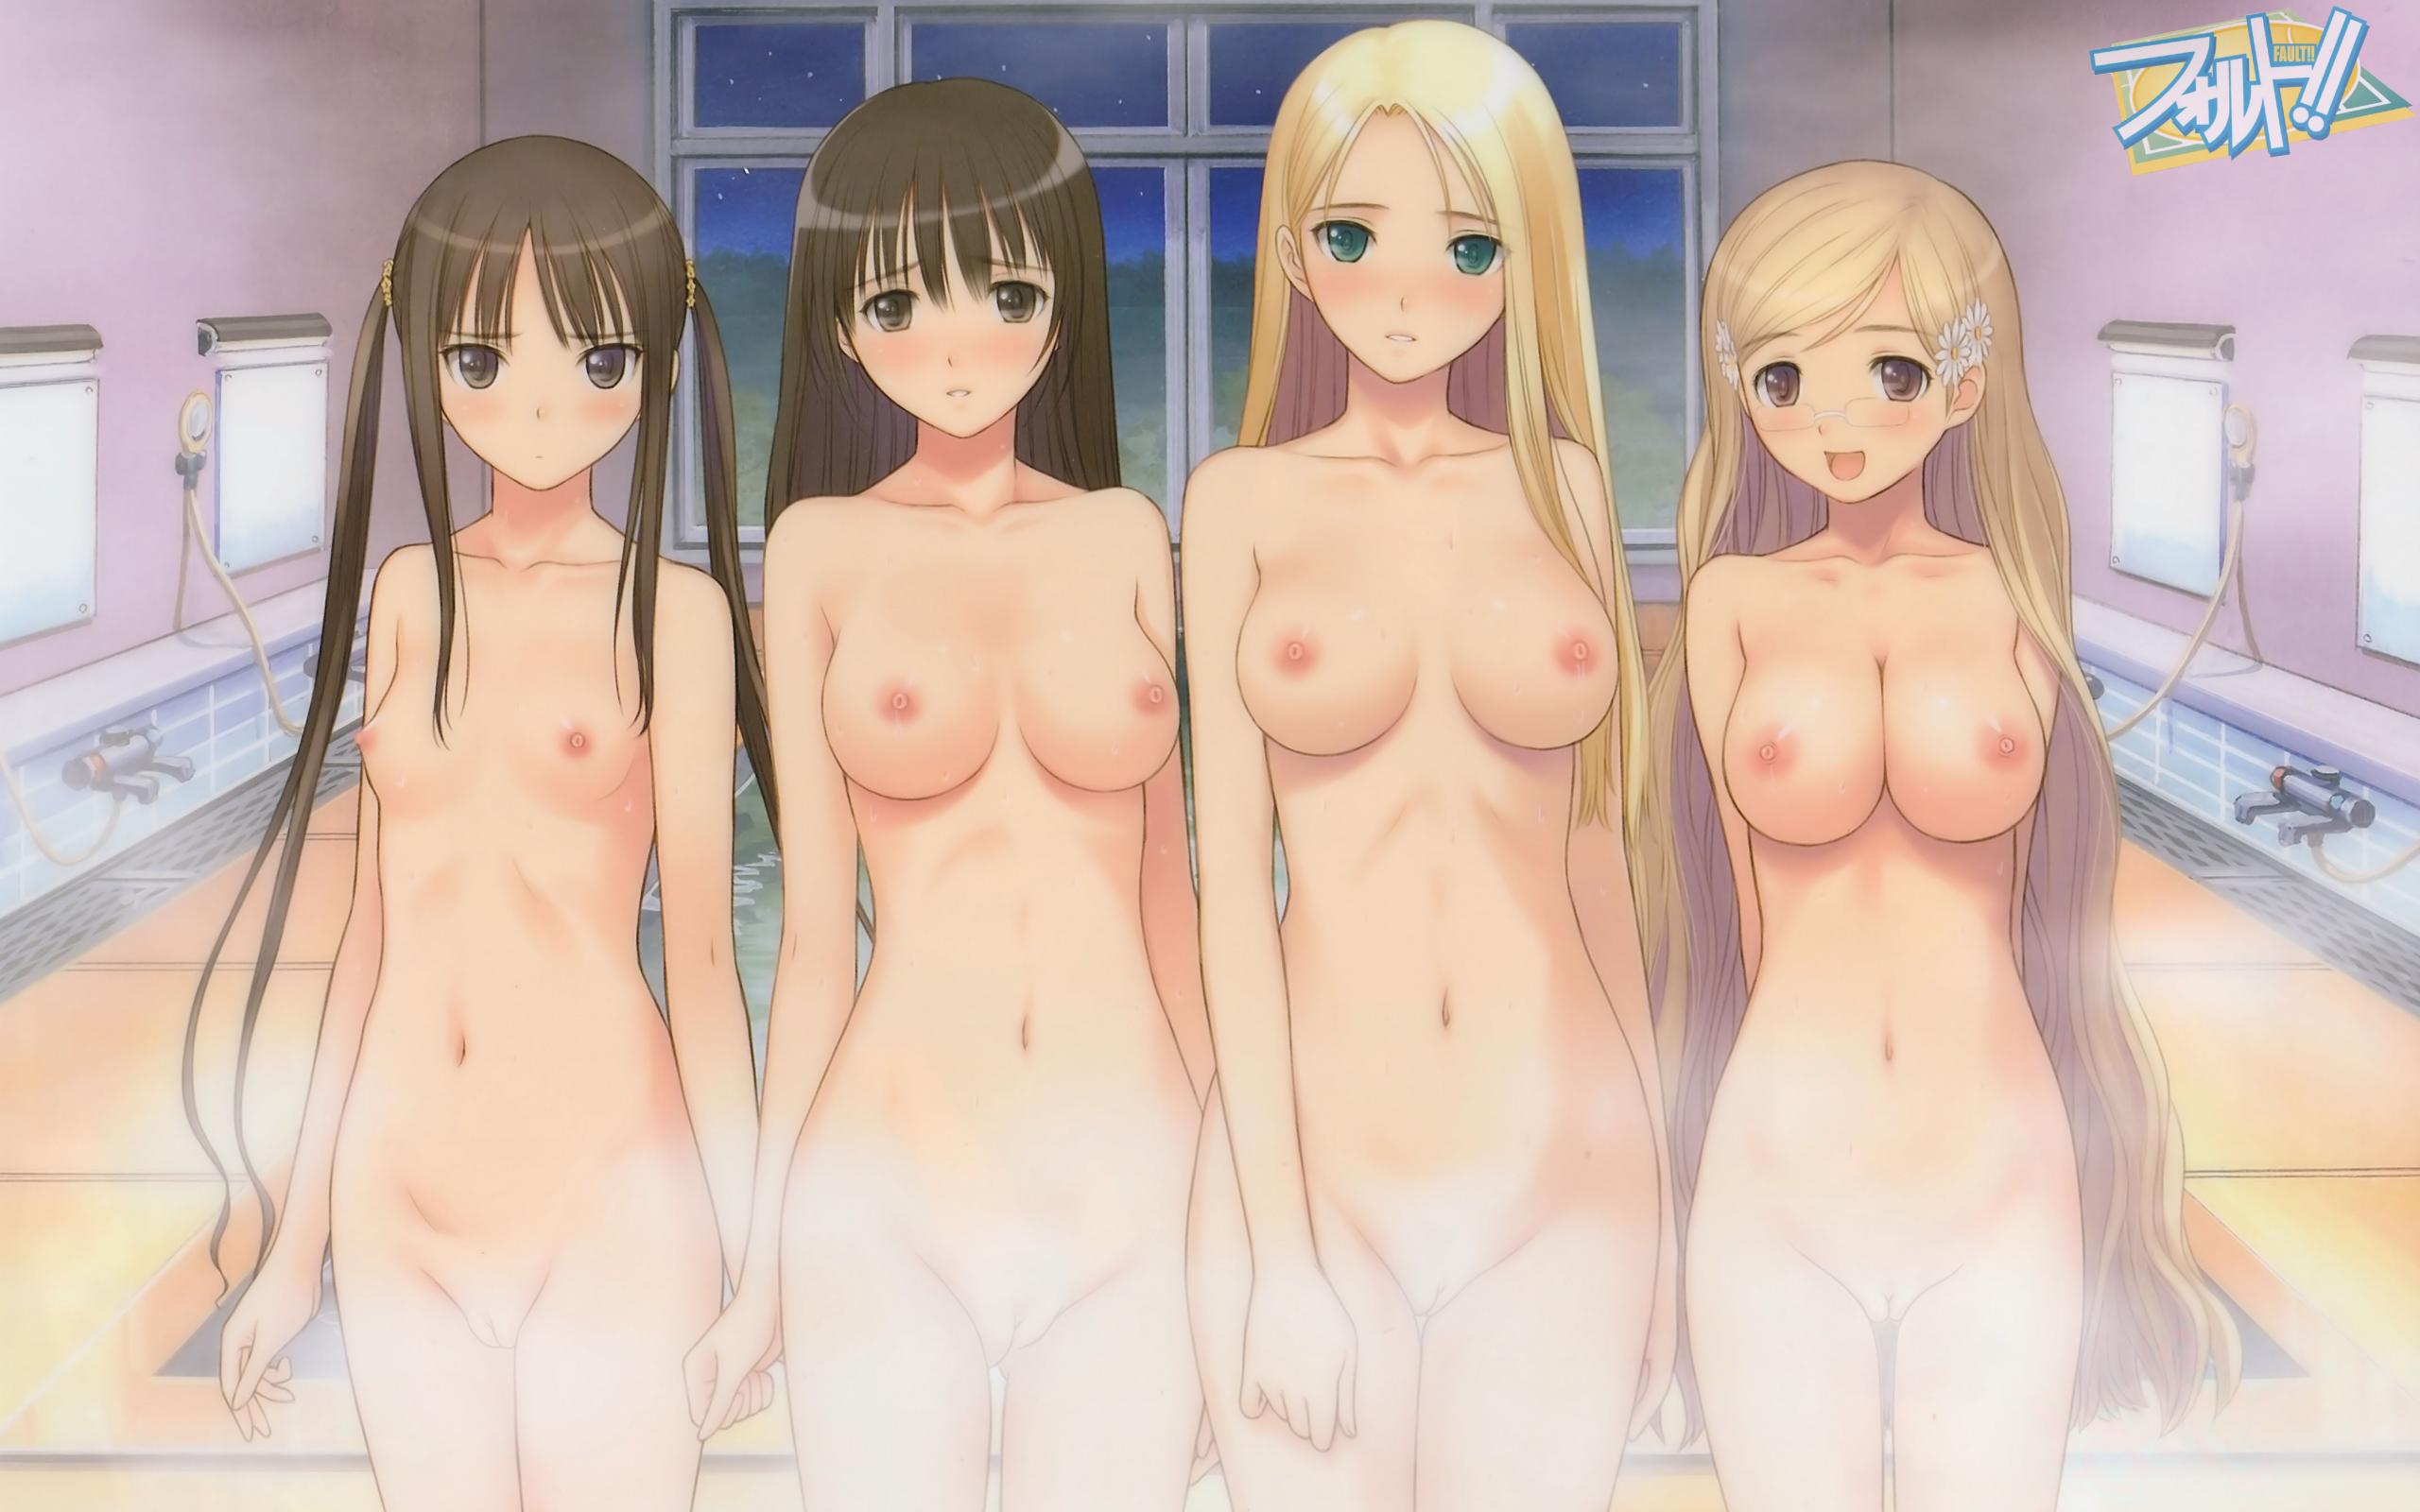 Полностью голые аниме